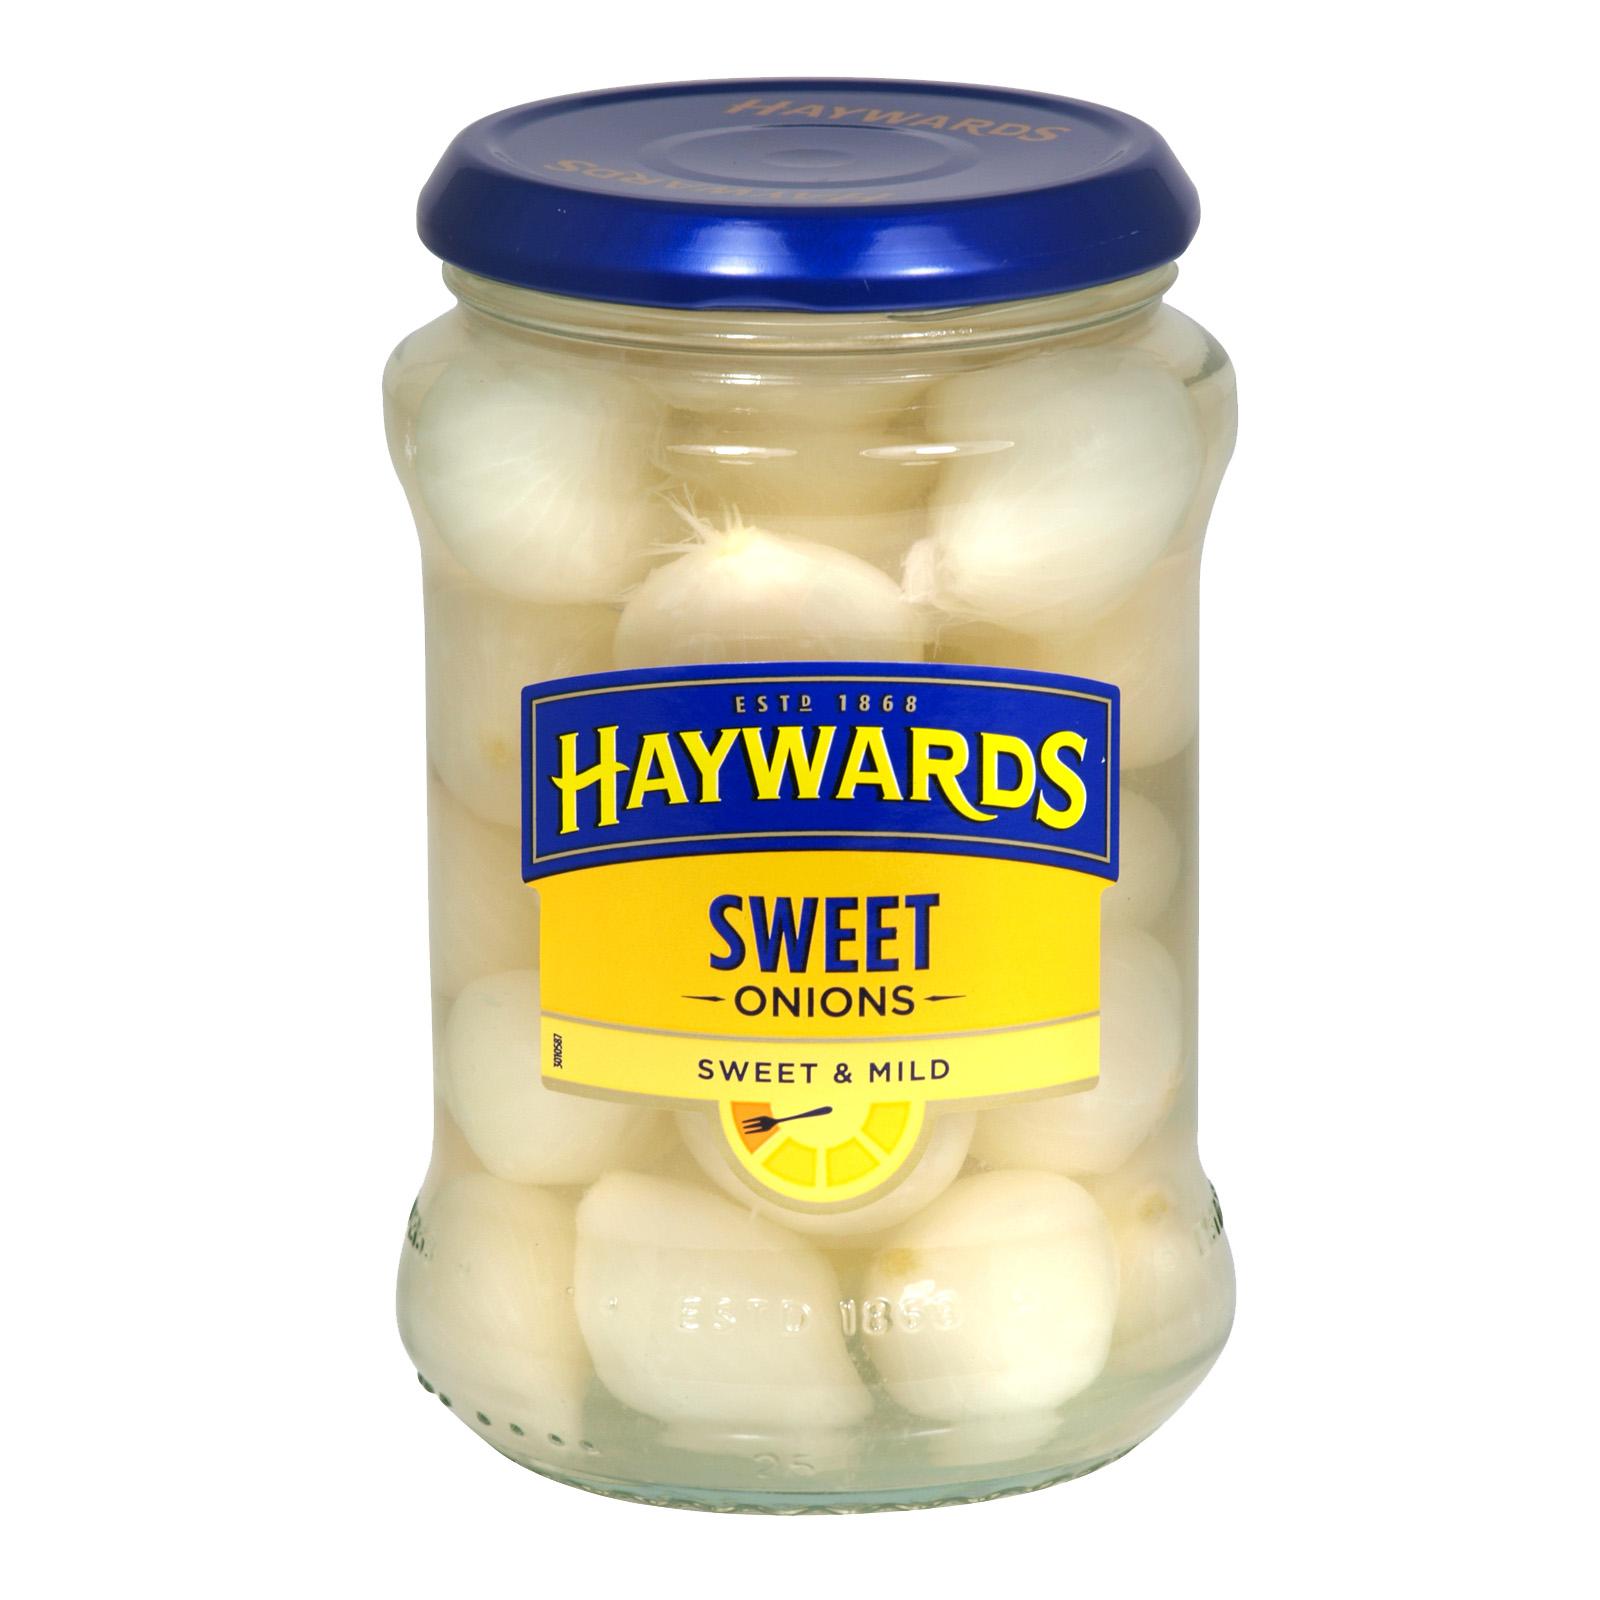 HAYWARDS SILVERSKIN ONIONS SWT/MILD X6